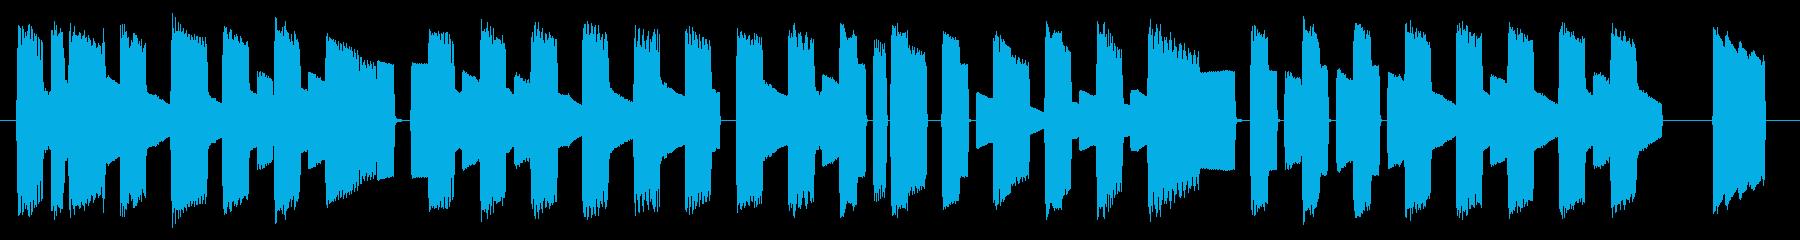 NES スポーツ A01-1(タイトル)の再生済みの波形